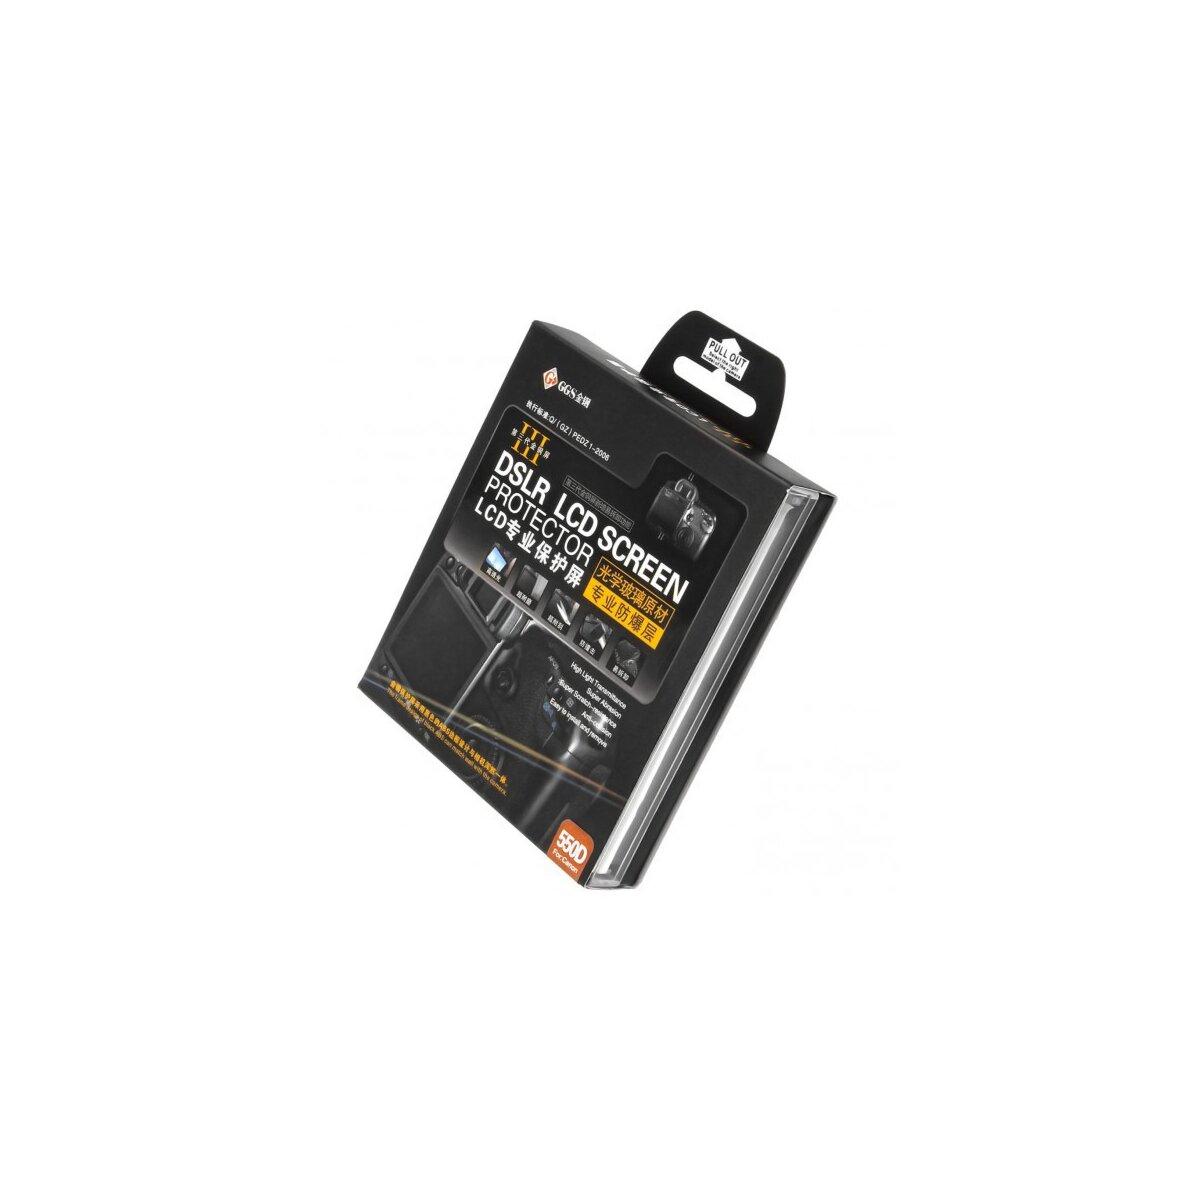 Displayschutz Monitorschutz Protector III kompatibel mit Canon EOS 550D - Original GGS